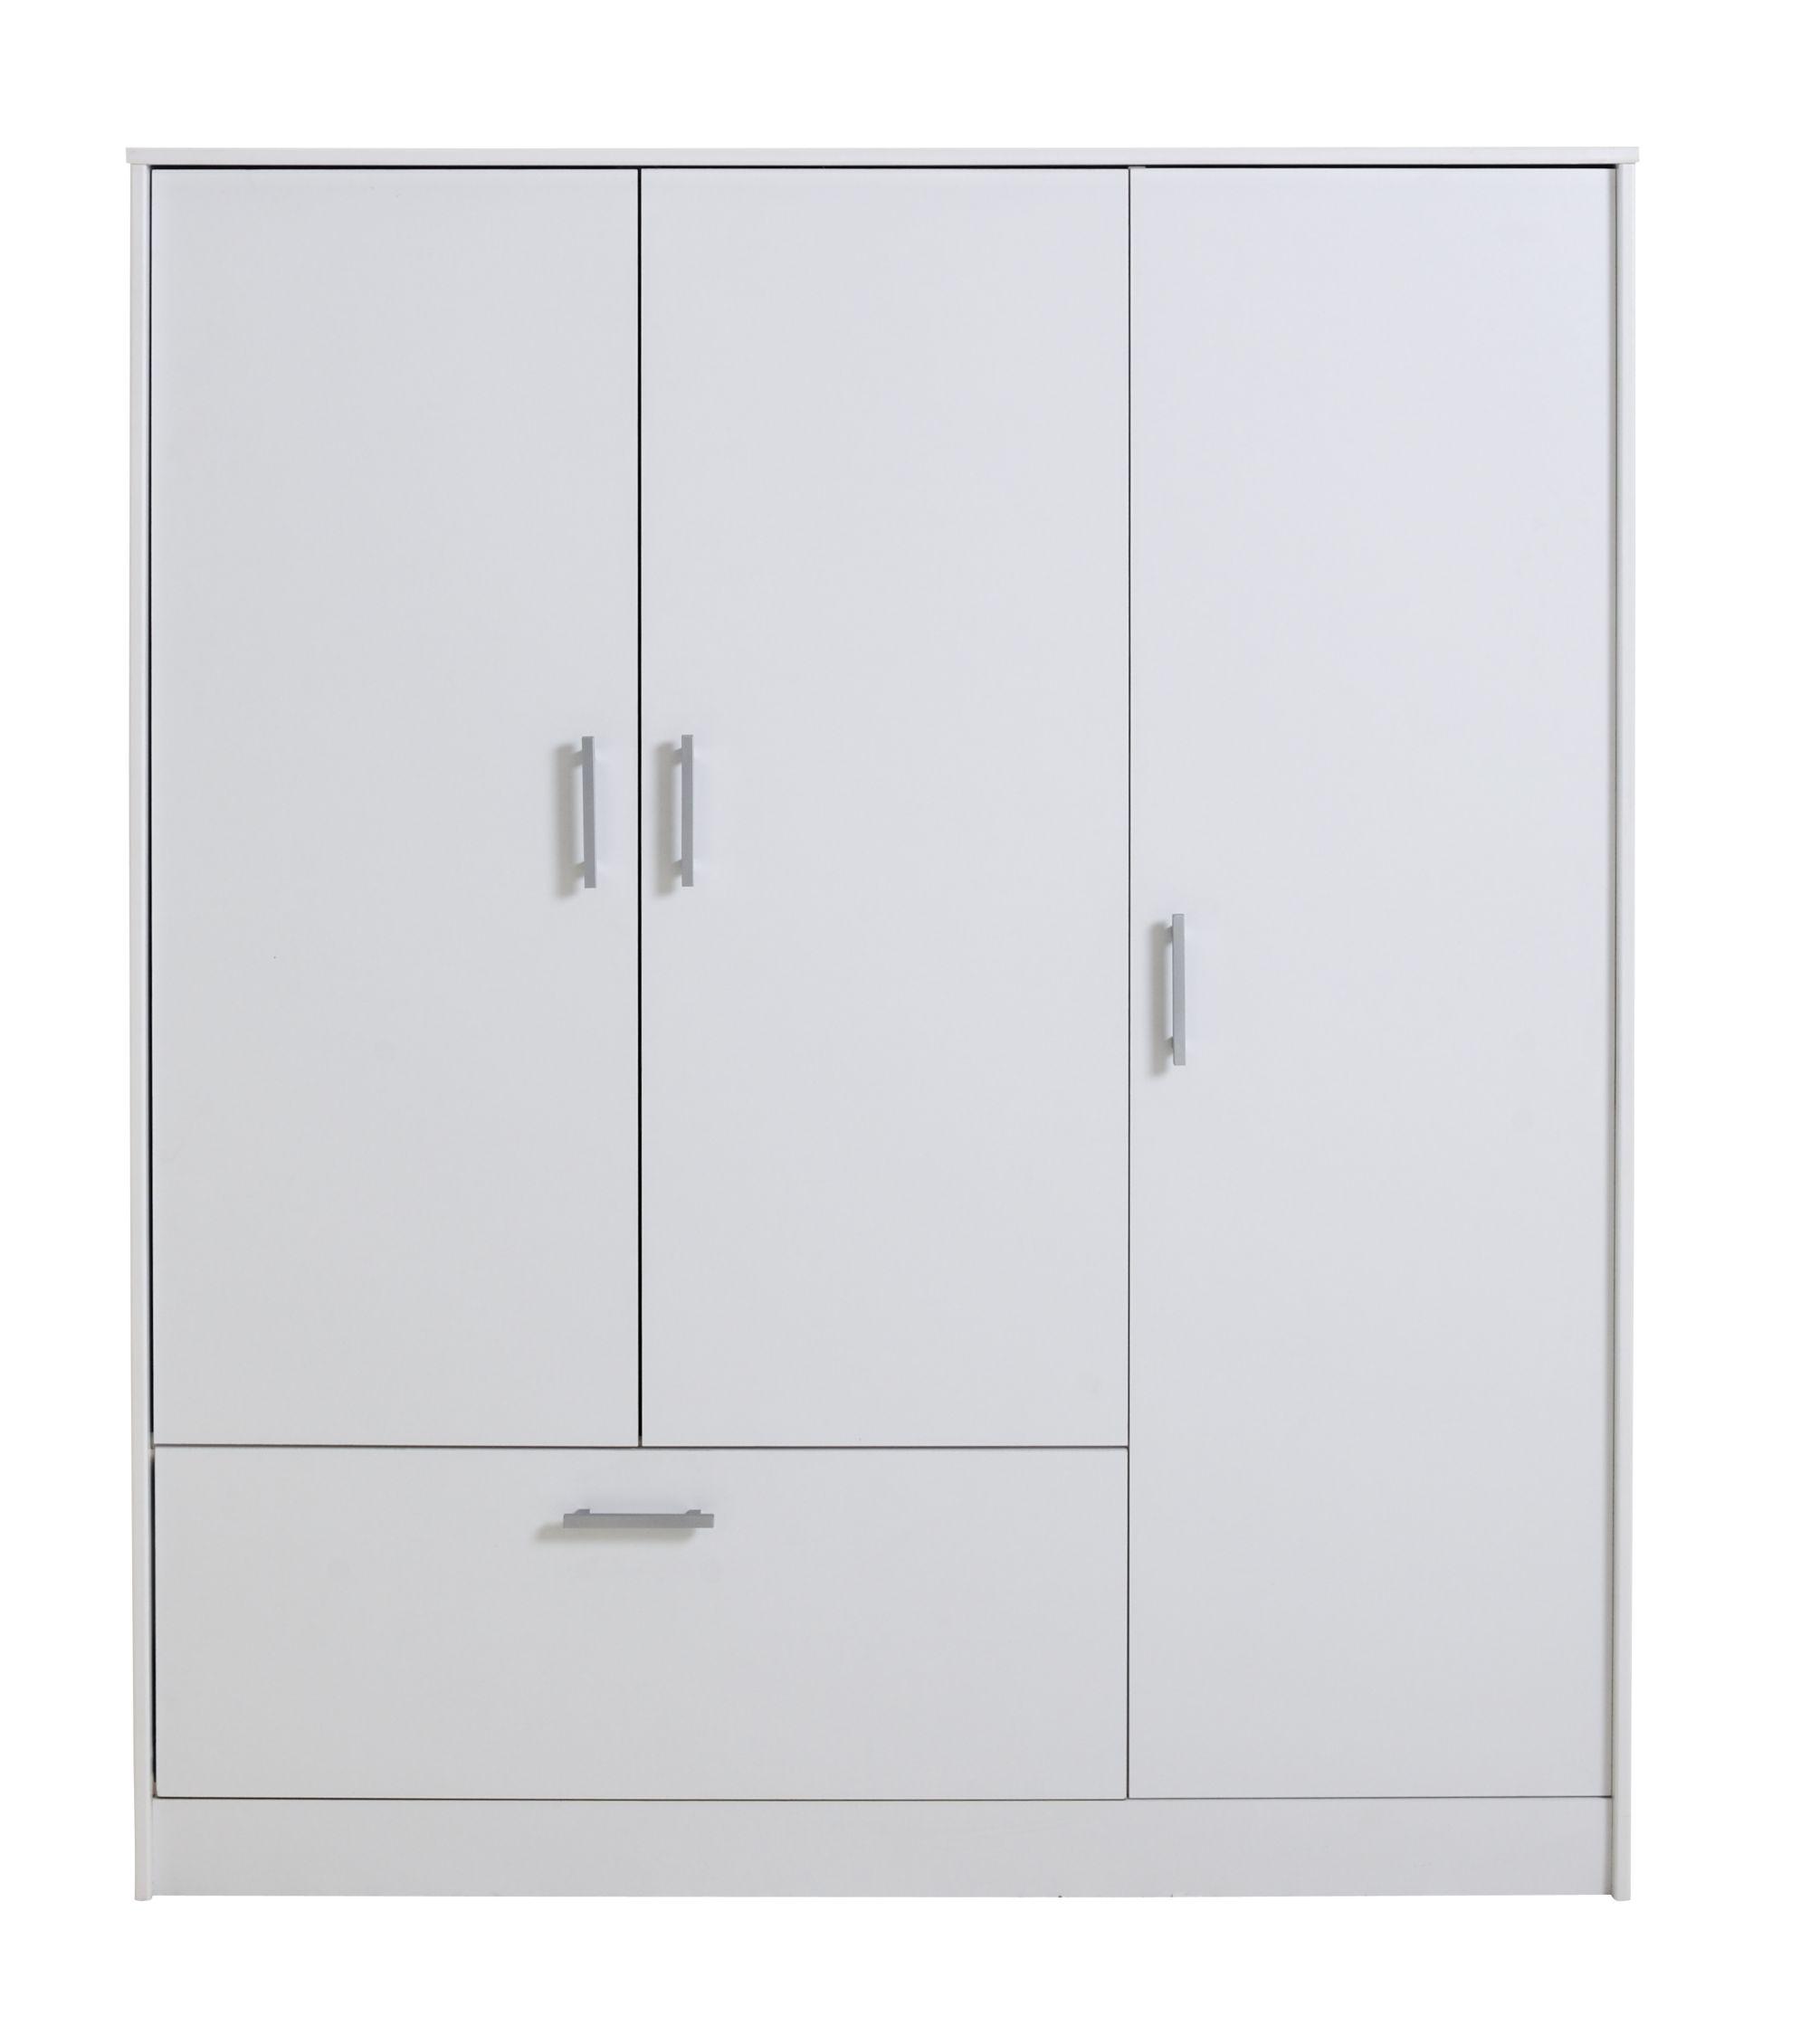 Armoire 3 portes 1 tiroir blanc Armoire Chambre Meuble